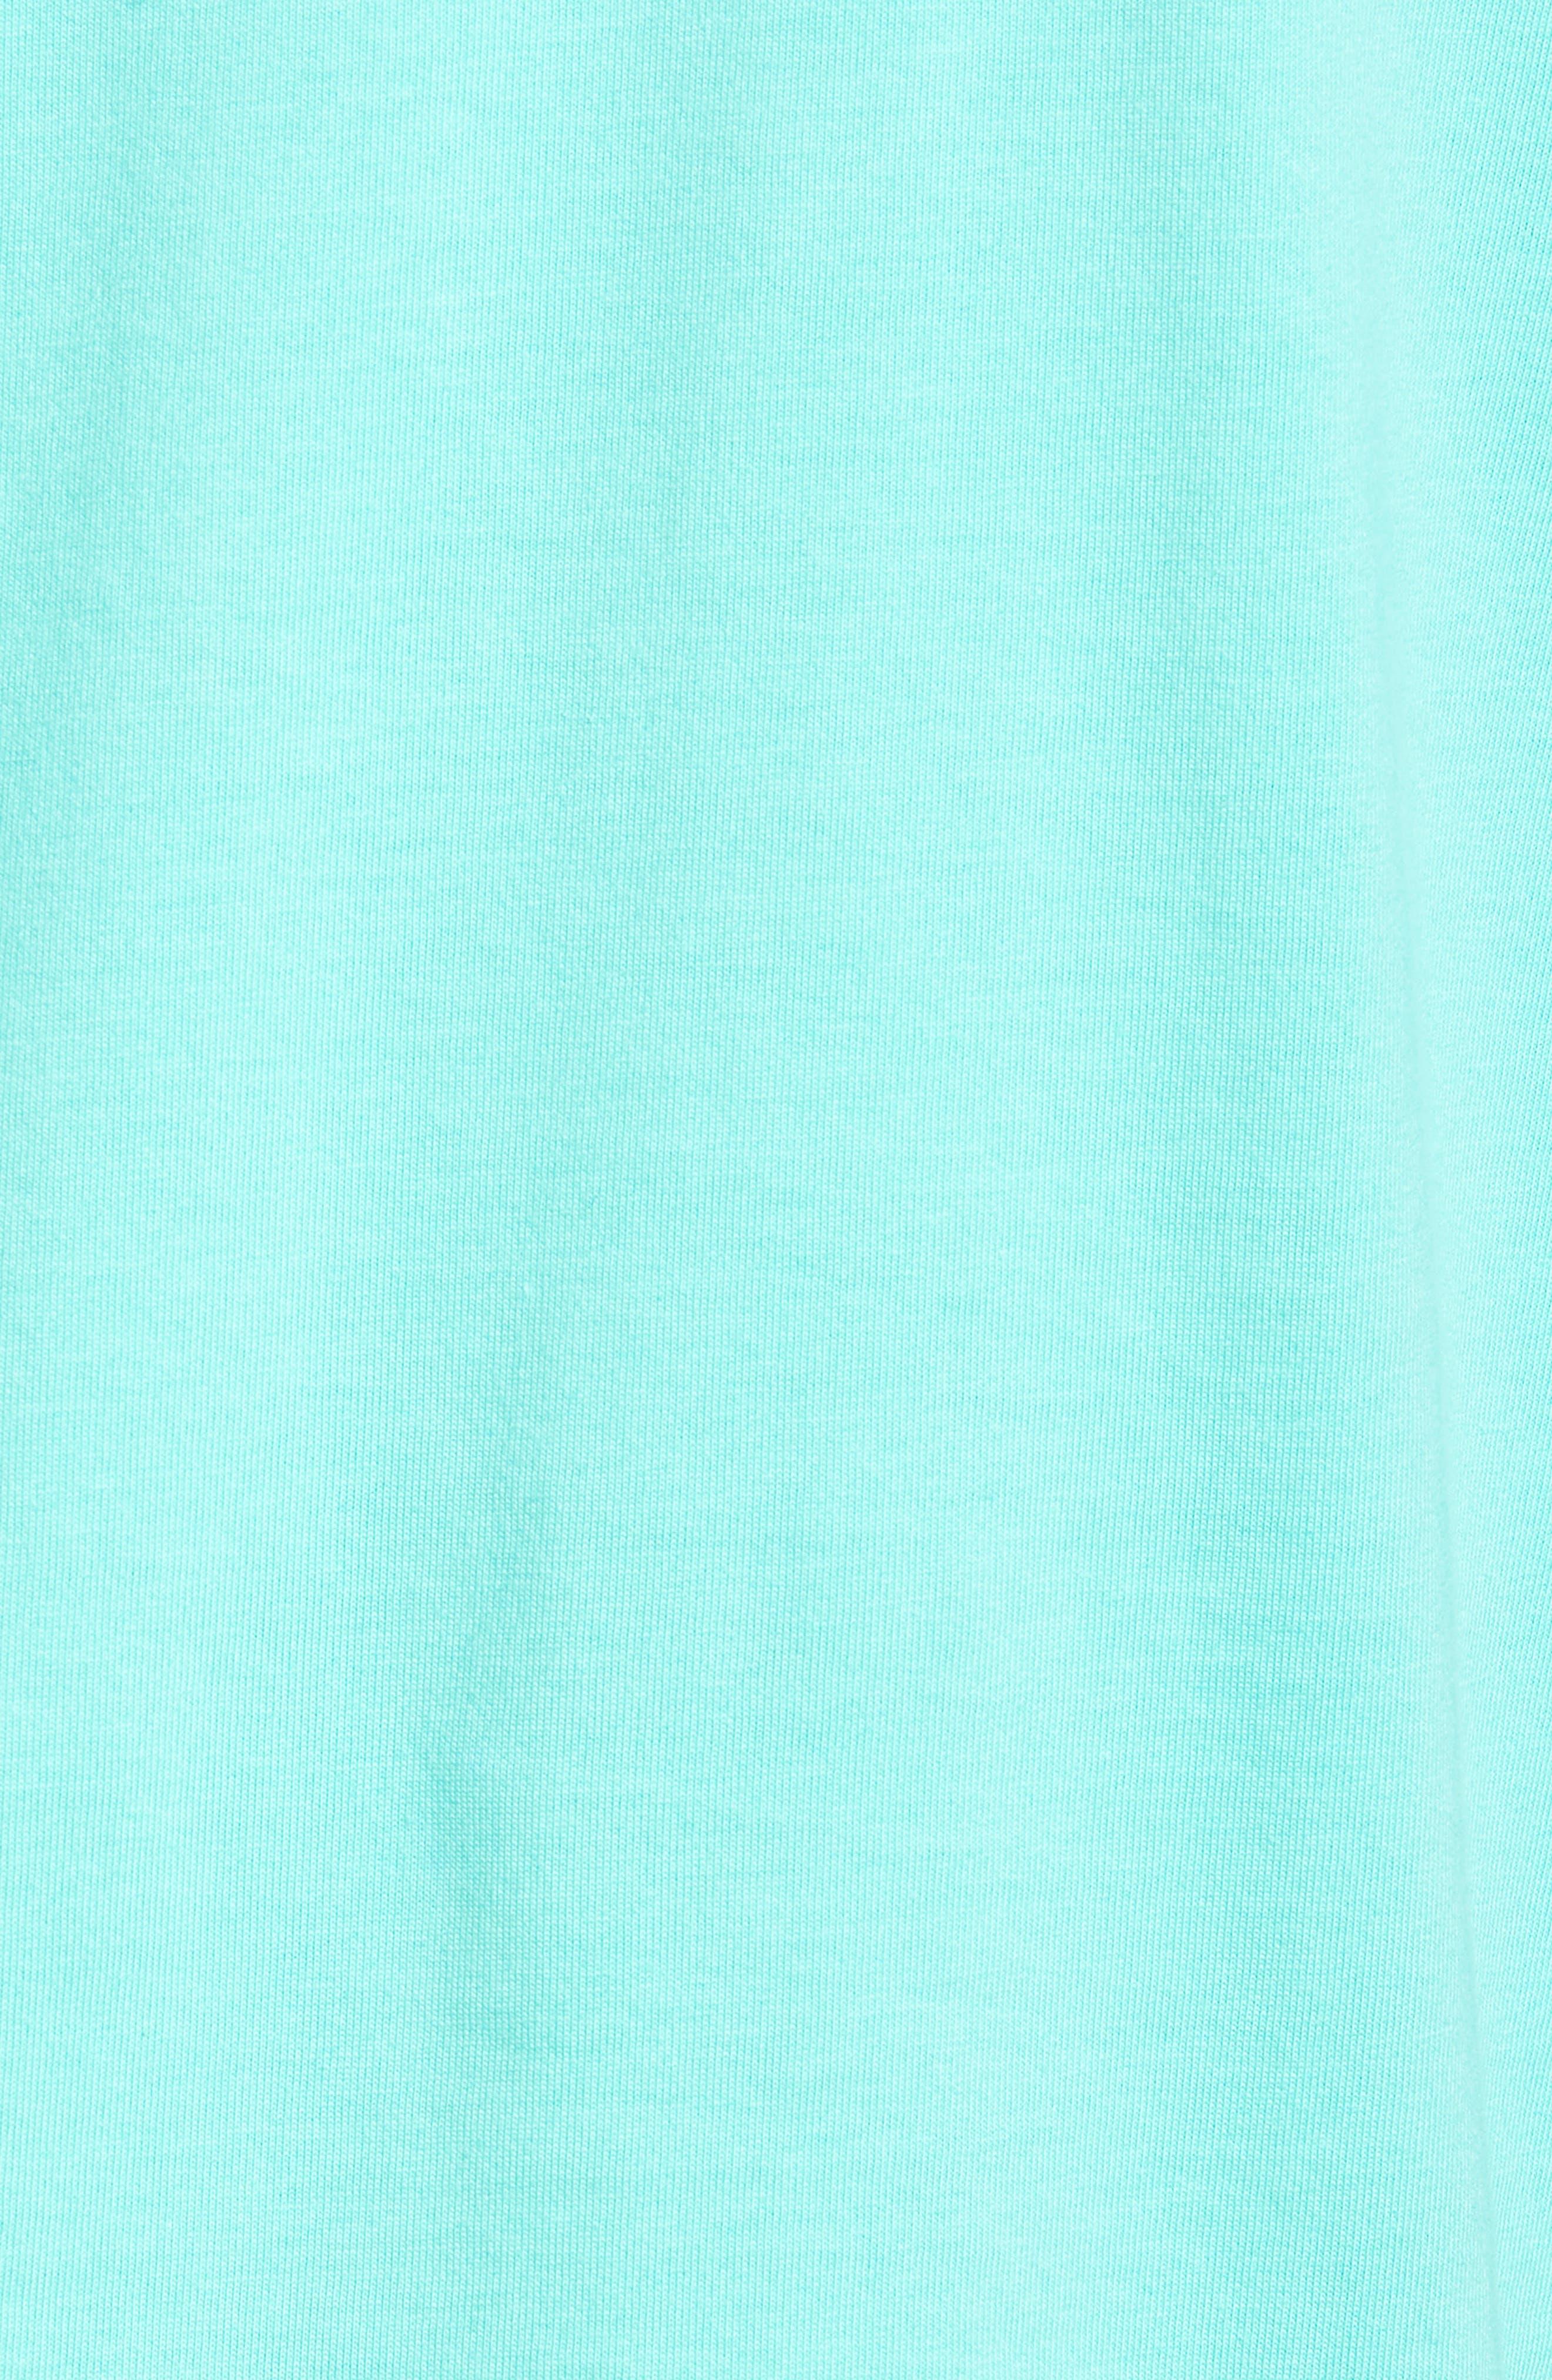 Fishing Rod Pocket T-Shirt,                             Alternate thumbnail 5, color,                             CAPRI BLUE